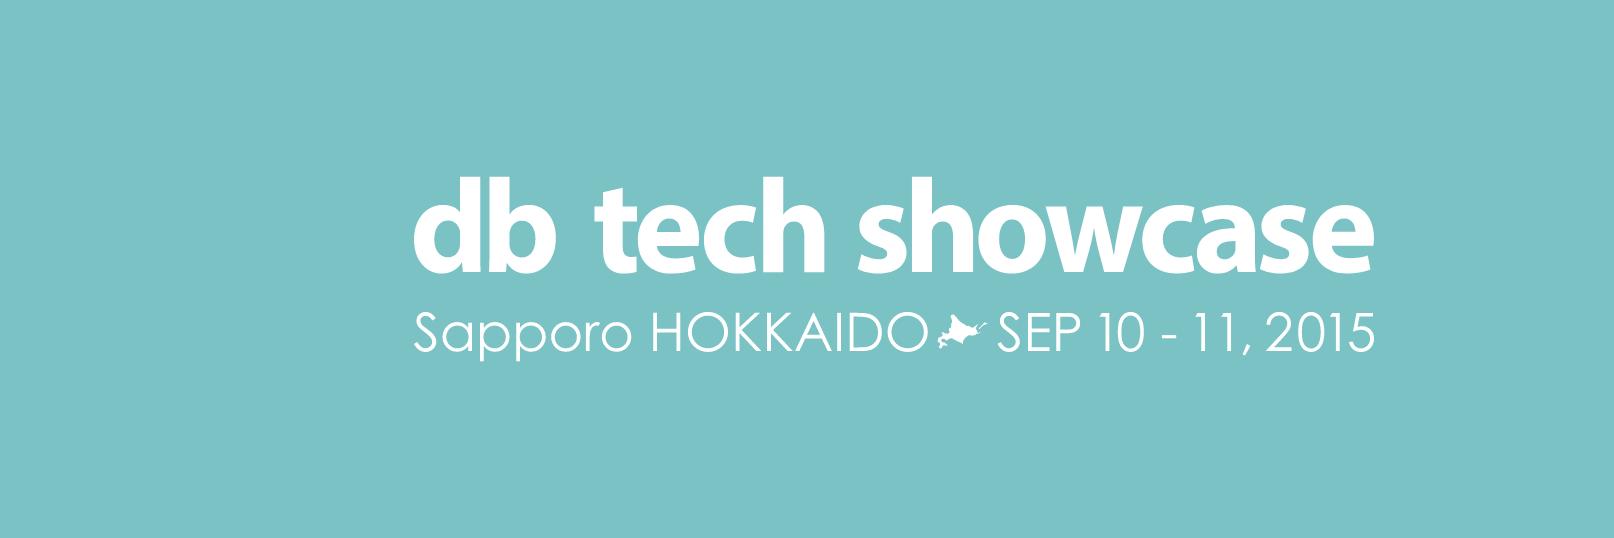 db tech showcase Sapporo 2015